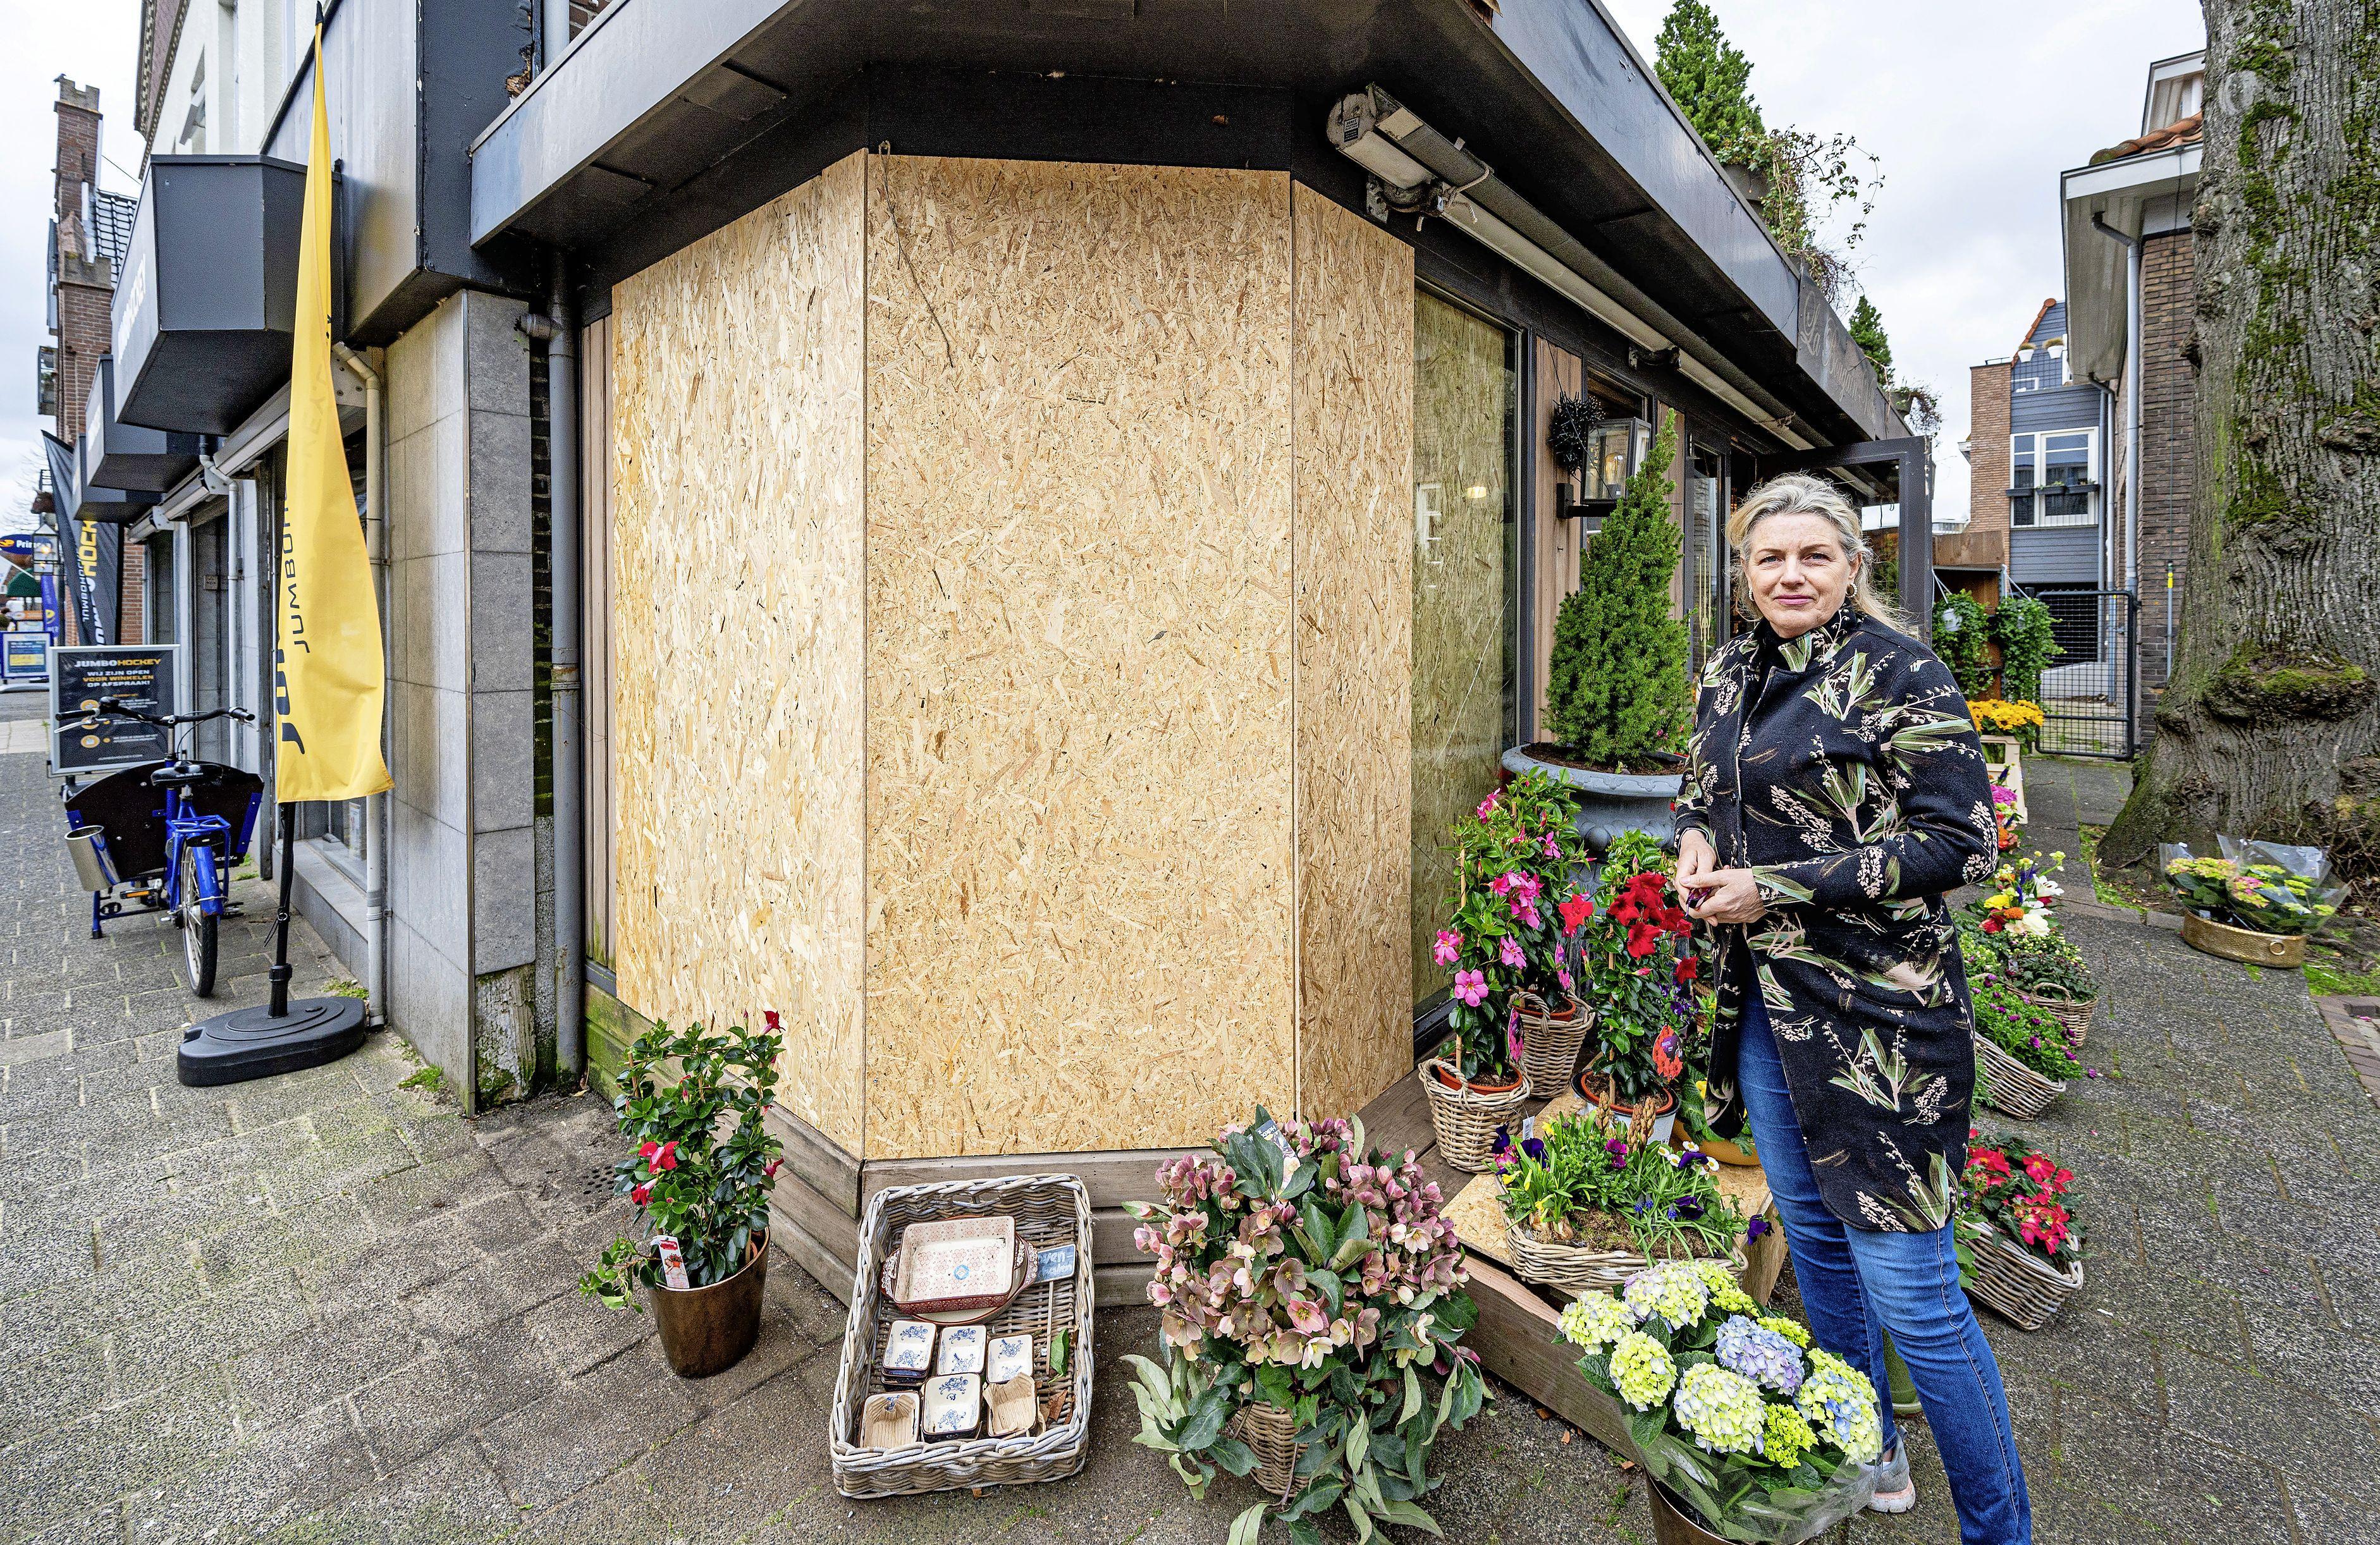 Een dag nadat een auto haar winkel binnenreed, verkoopt Saskia weer bloemen 'Ik wil een bredere stoep en betonnen bakken voor de deur'